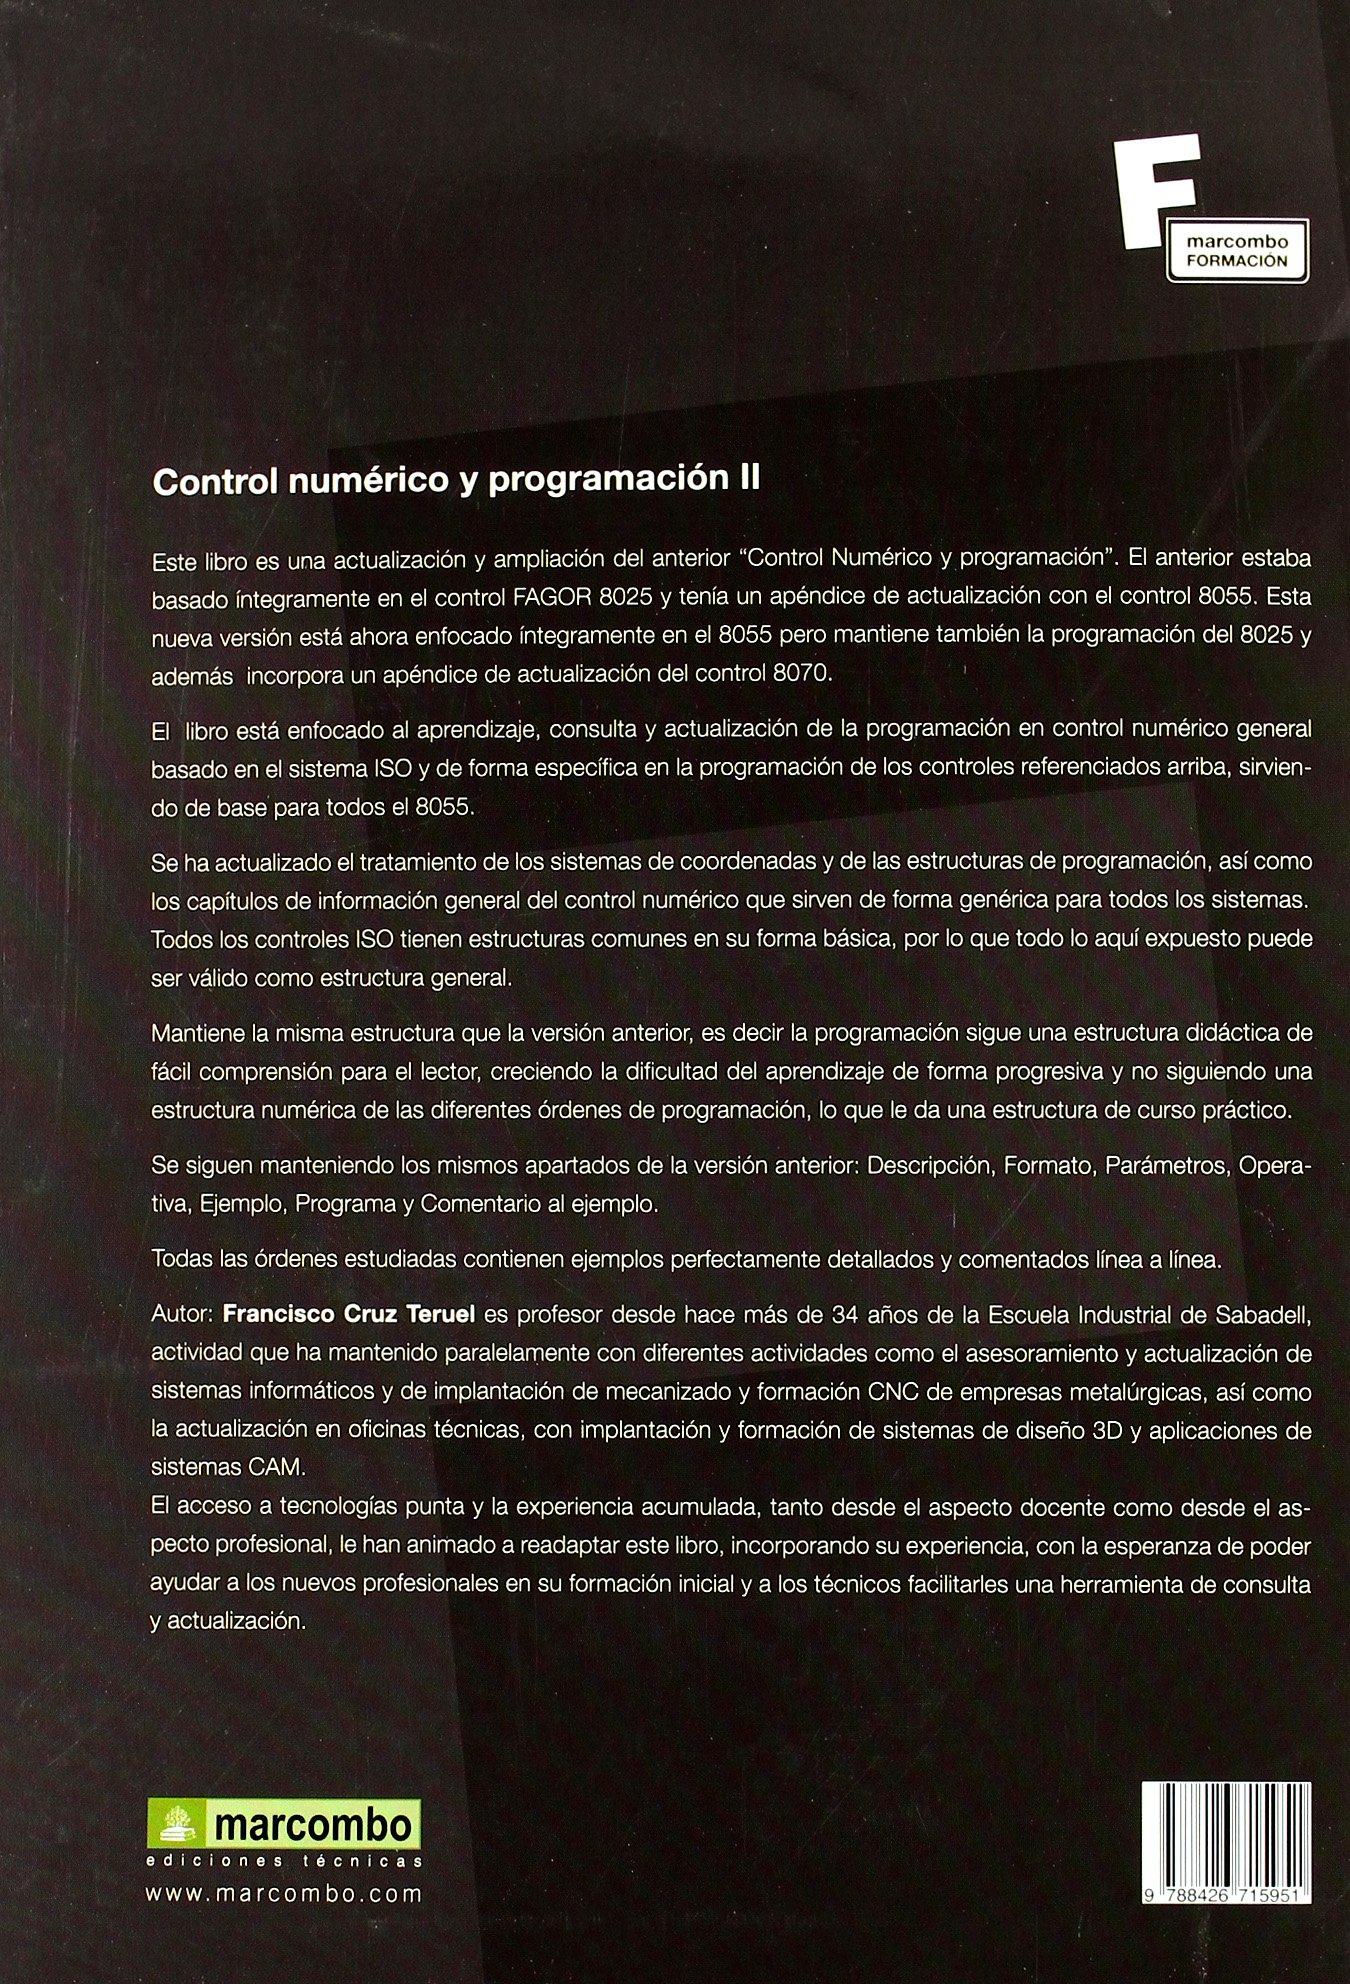 Control Numérico y Programación II 2ª EDICIÓN : Sistemas de fabricación de máquinas automatizadas MARCOMBO FORMACIÓN: Amazon.es: Francisco Cruz Teruel: ...